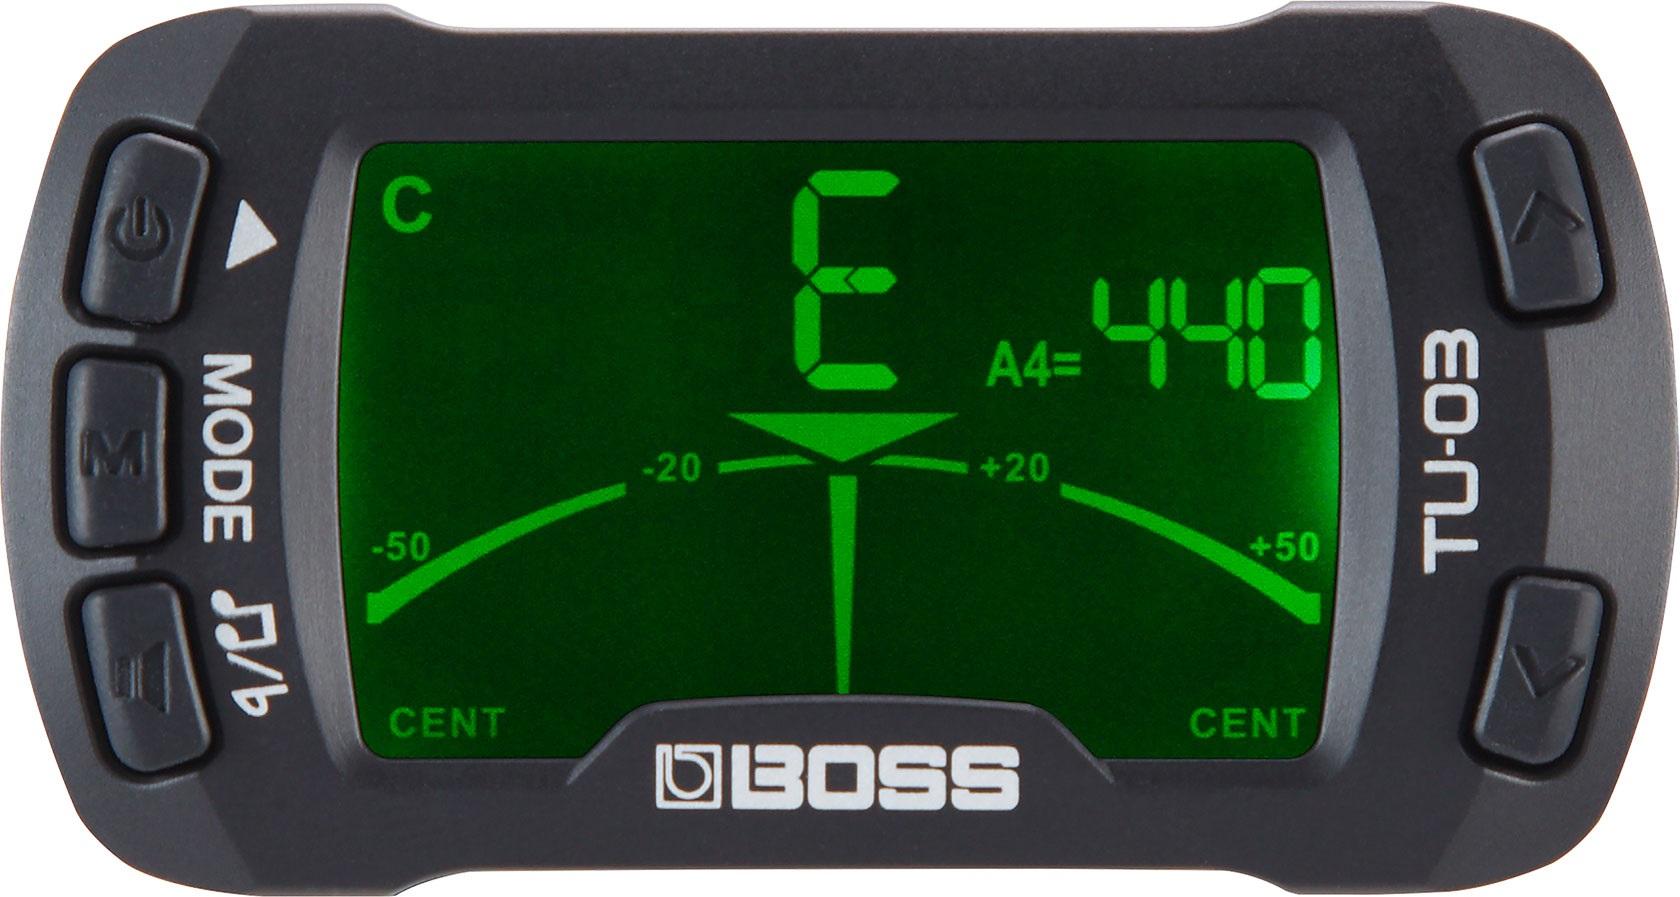 Boss TU-03